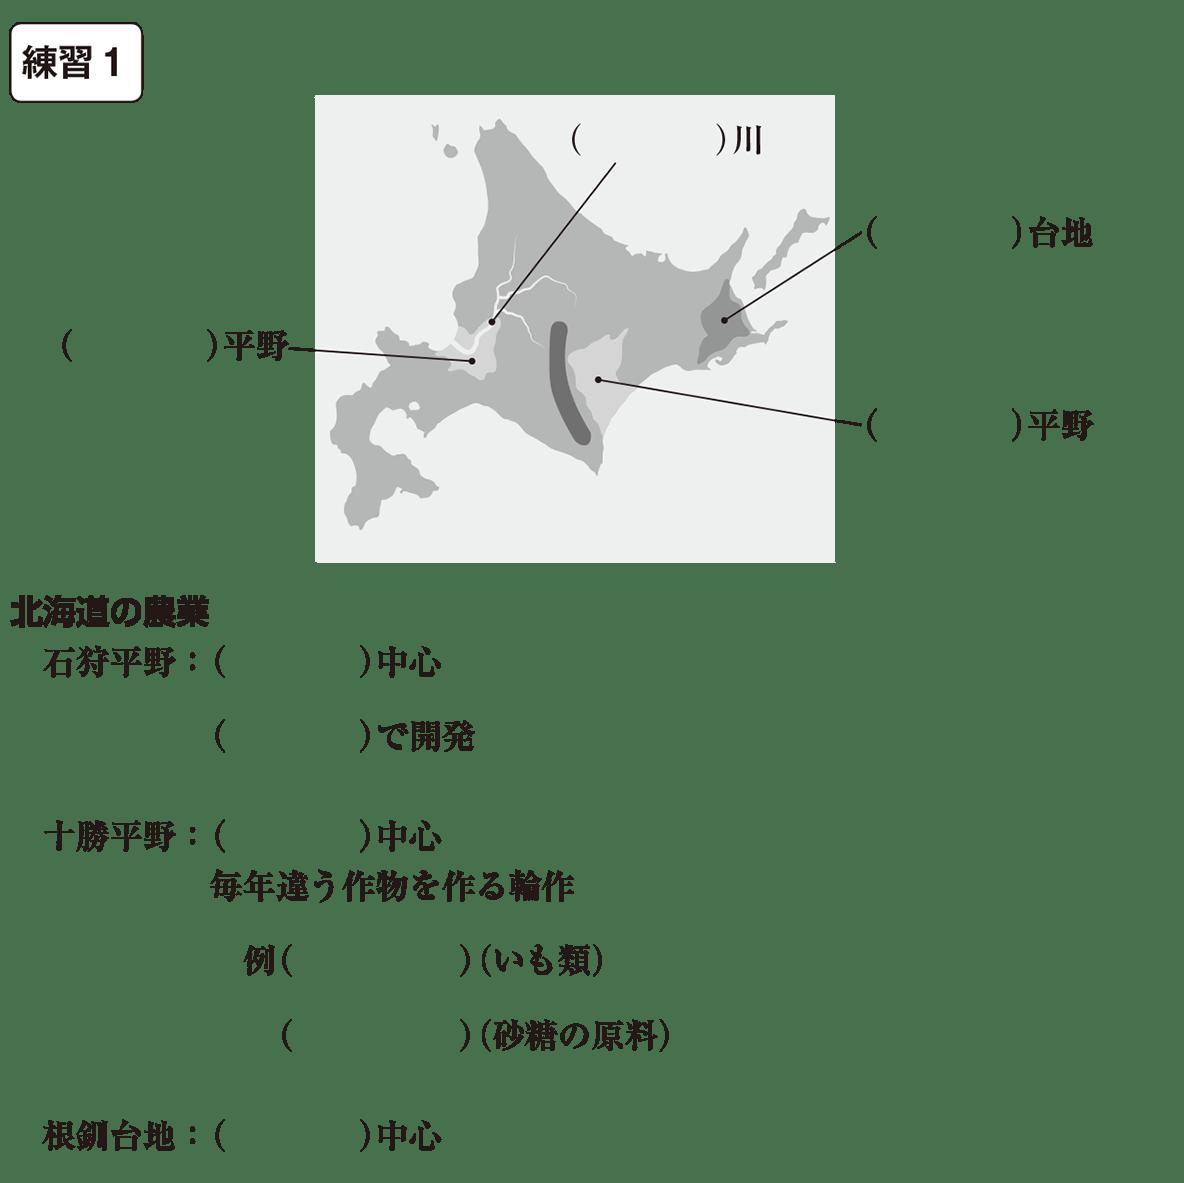 中学地理77 練習1 カッコ空欄